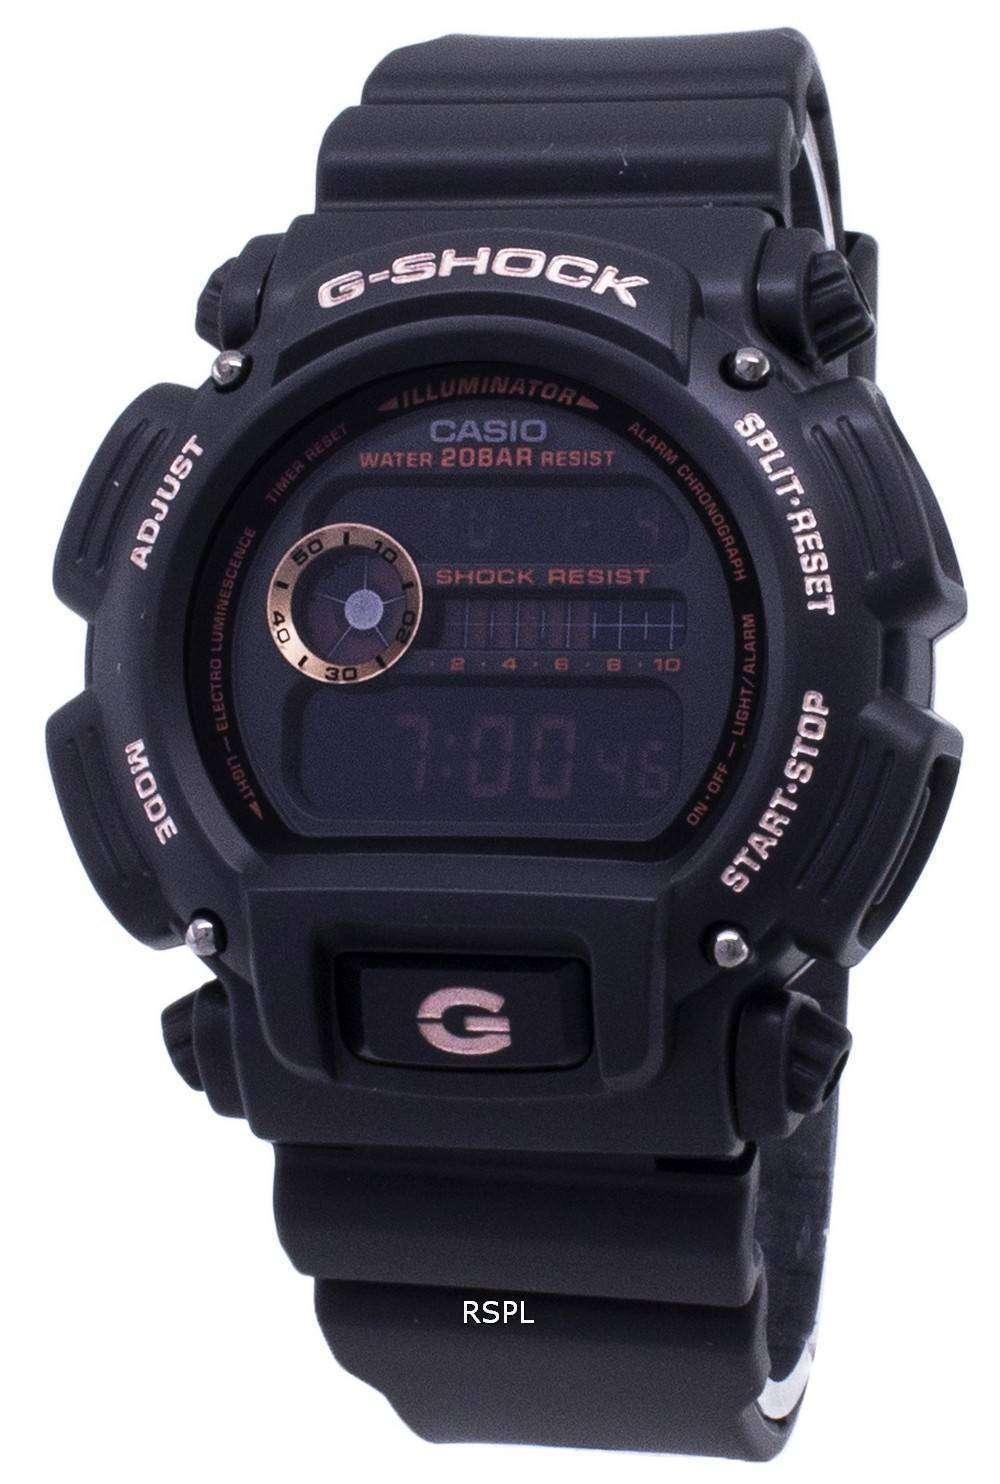 カシオ G-ショック DW 9052GBX 1A4 DW9052GBX 1A4 デジタル 200 M メンズ腕時計